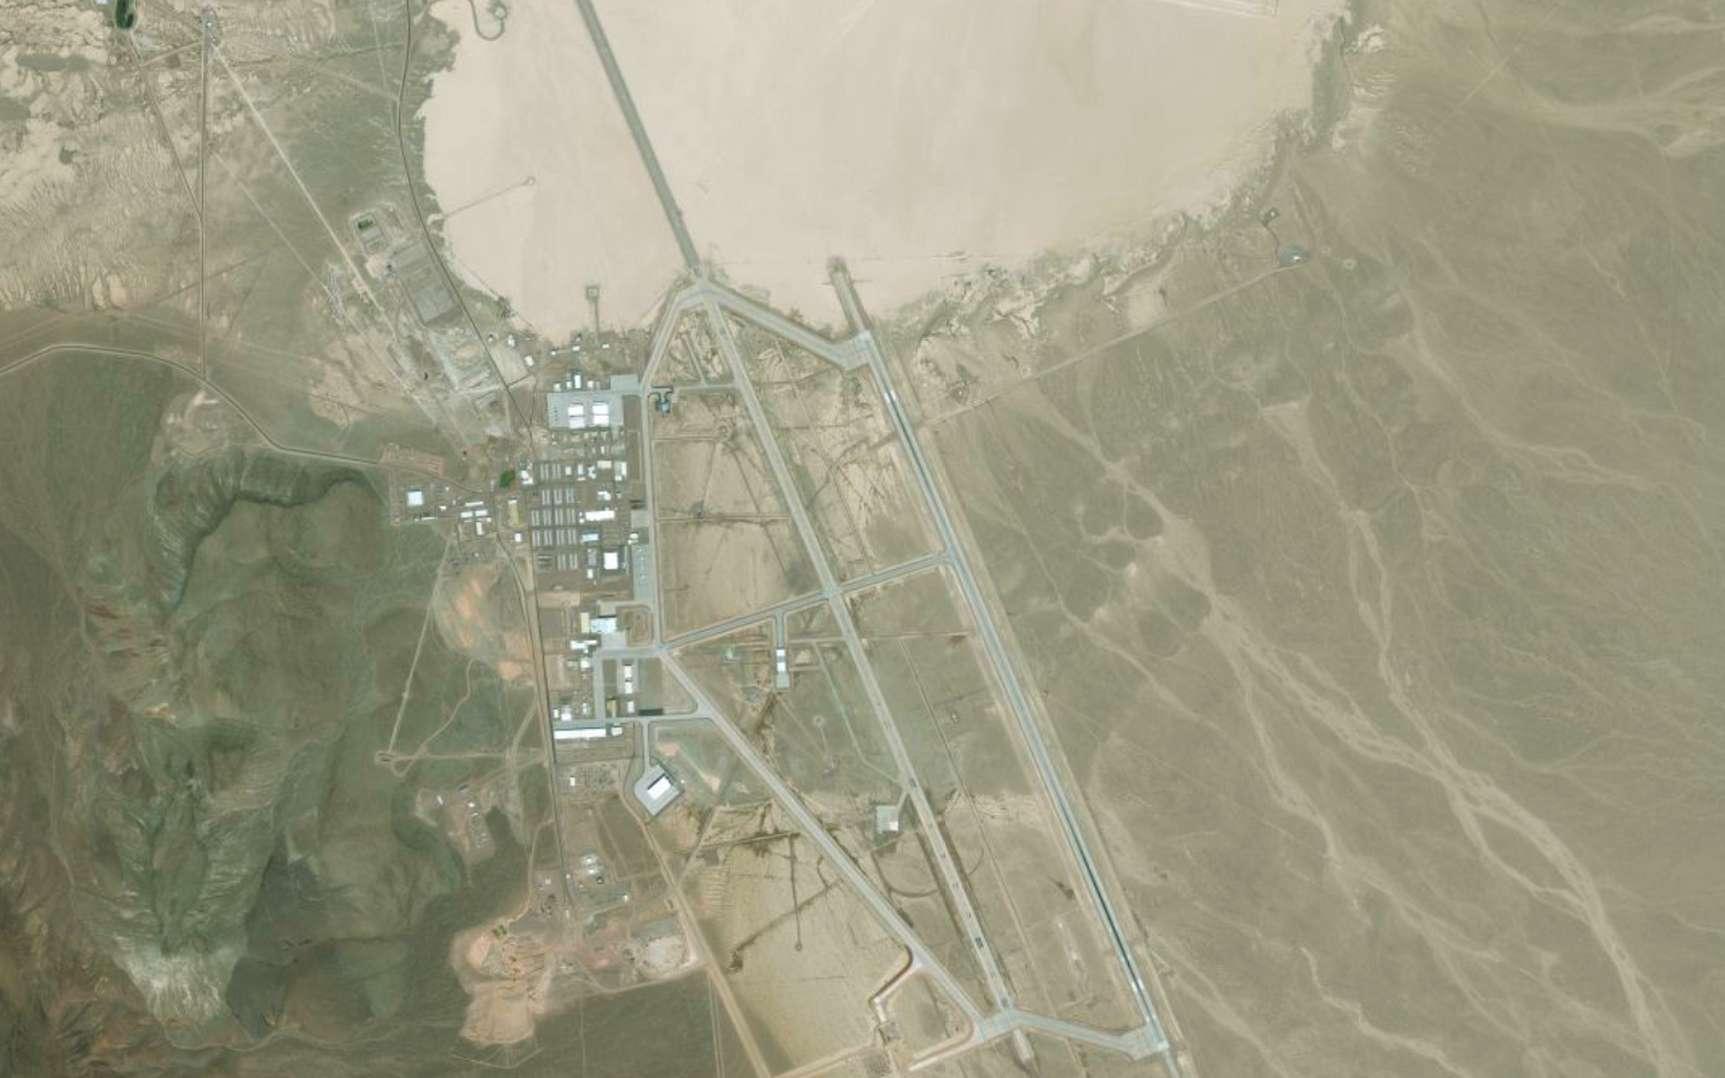 La base militaire de Groom Lake, dans le Nevada, aussi appelée zone 51 ou Dreamland. © Apple Plans